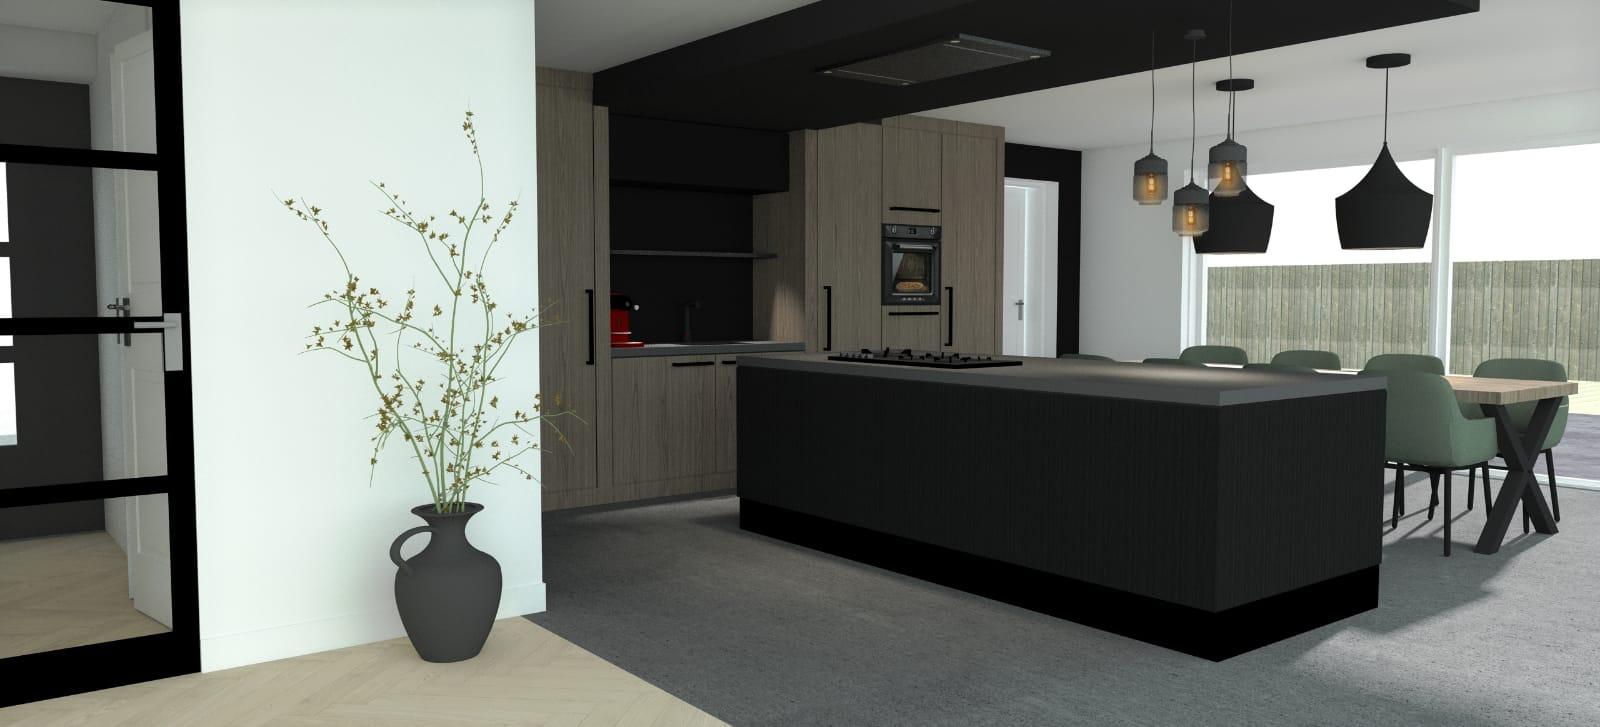 Wij bouwen een huis- Keuken